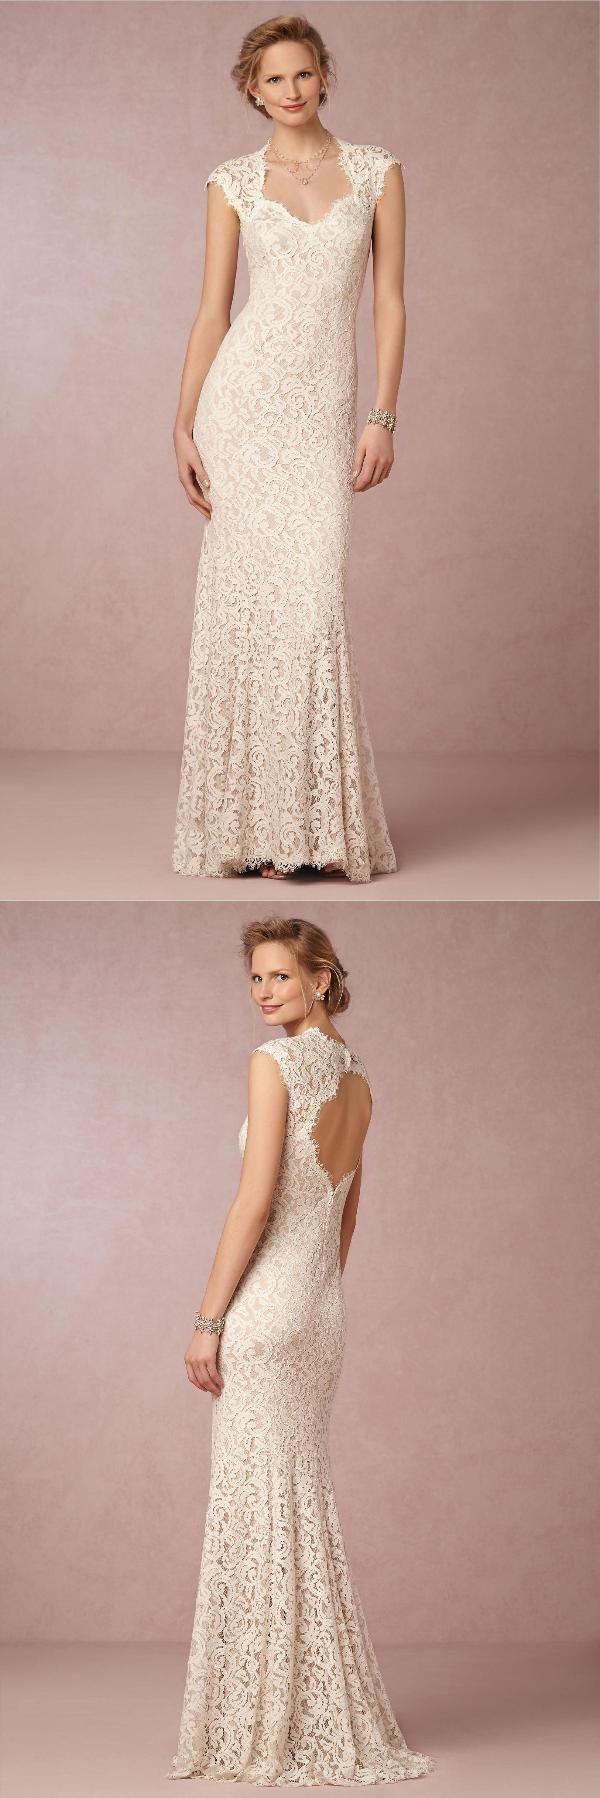 24 mejores imágenes de andy joubert en robe ifa mariage en Pinterest ...